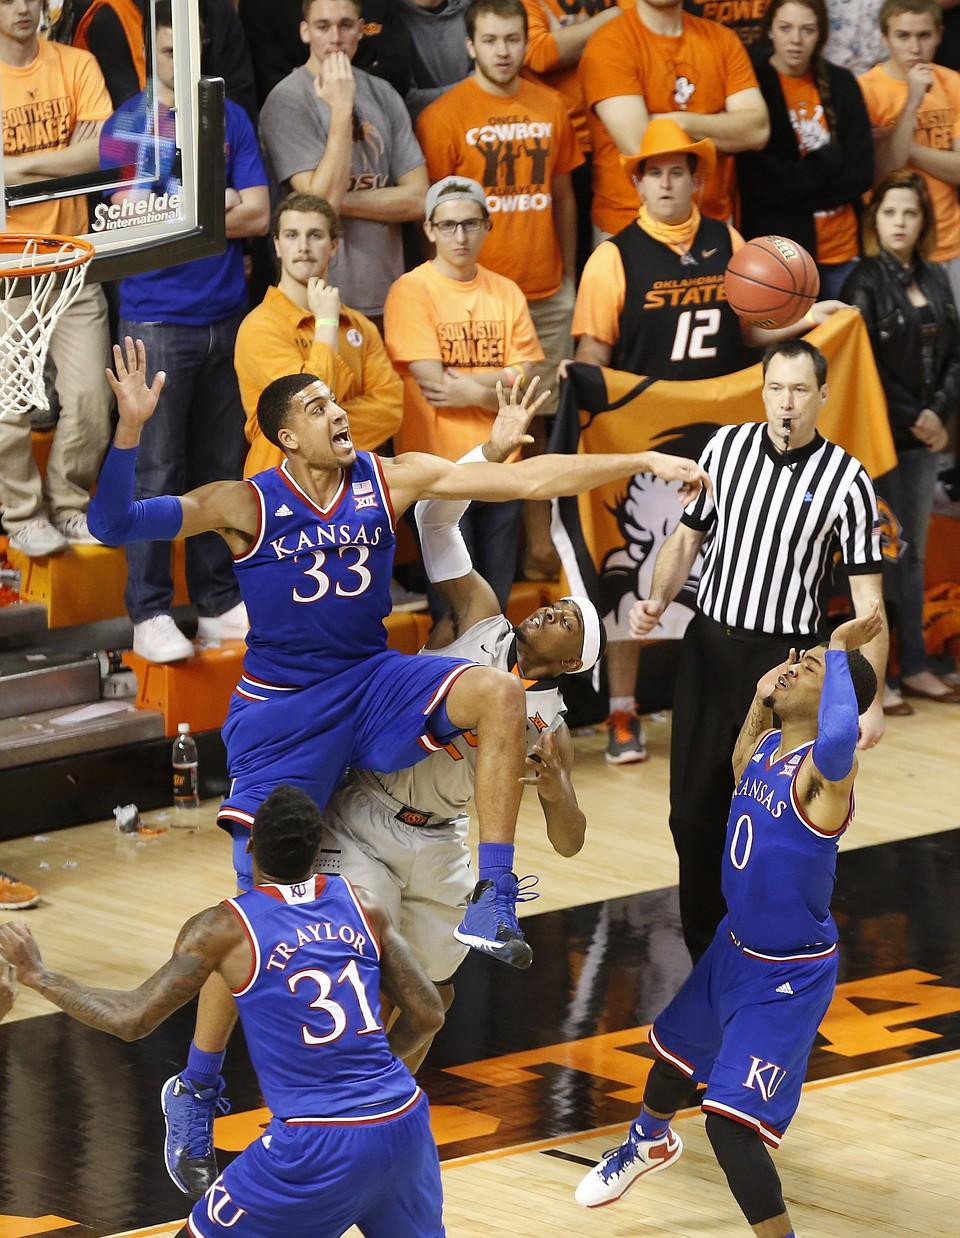 Jeffrey Newberry Basketball